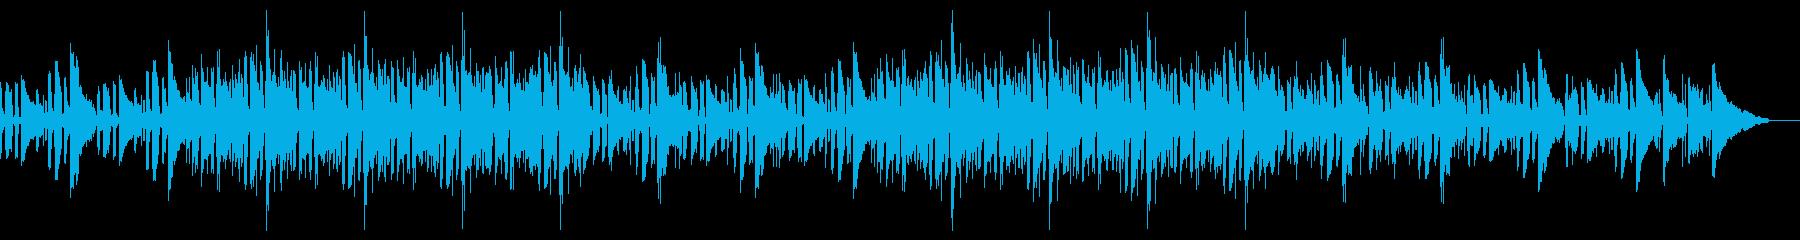 ギターがメインの落ち着いた楽曲の再生済みの波形